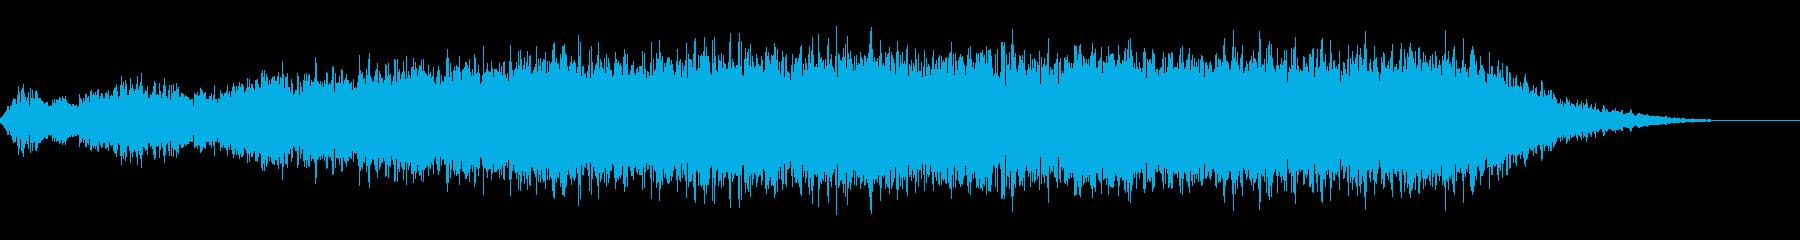 神秘的な雰囲気のアンビエント(背景音)2の再生済みの波形